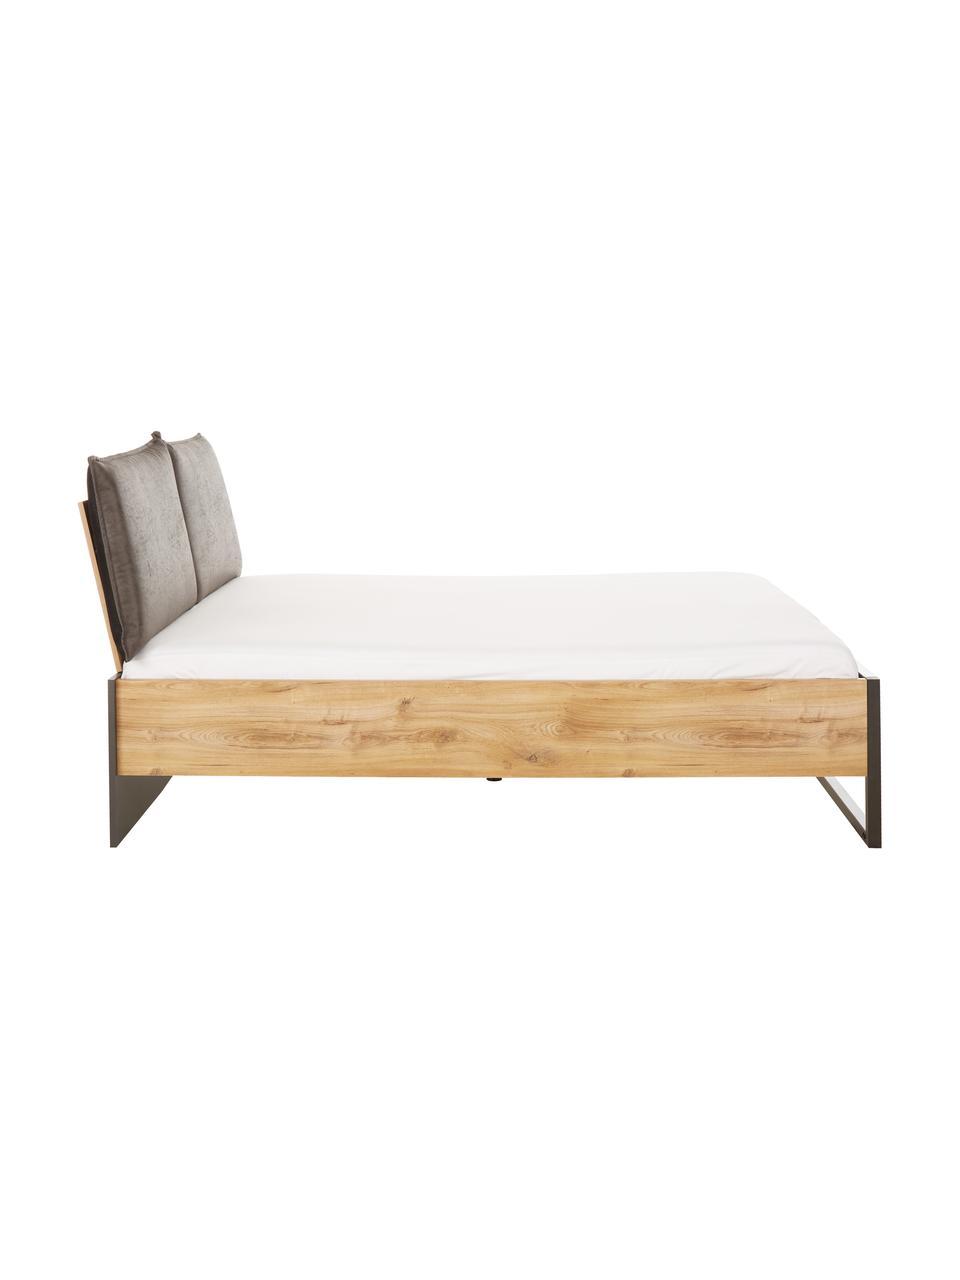 Holzbett Detroit mit Kunstleder-Kopfteil, Rahmen: Mitteldichte Holzfaserpla, Füße: Metall, pulverbeschichtet, Grau, 160 x 200 cm